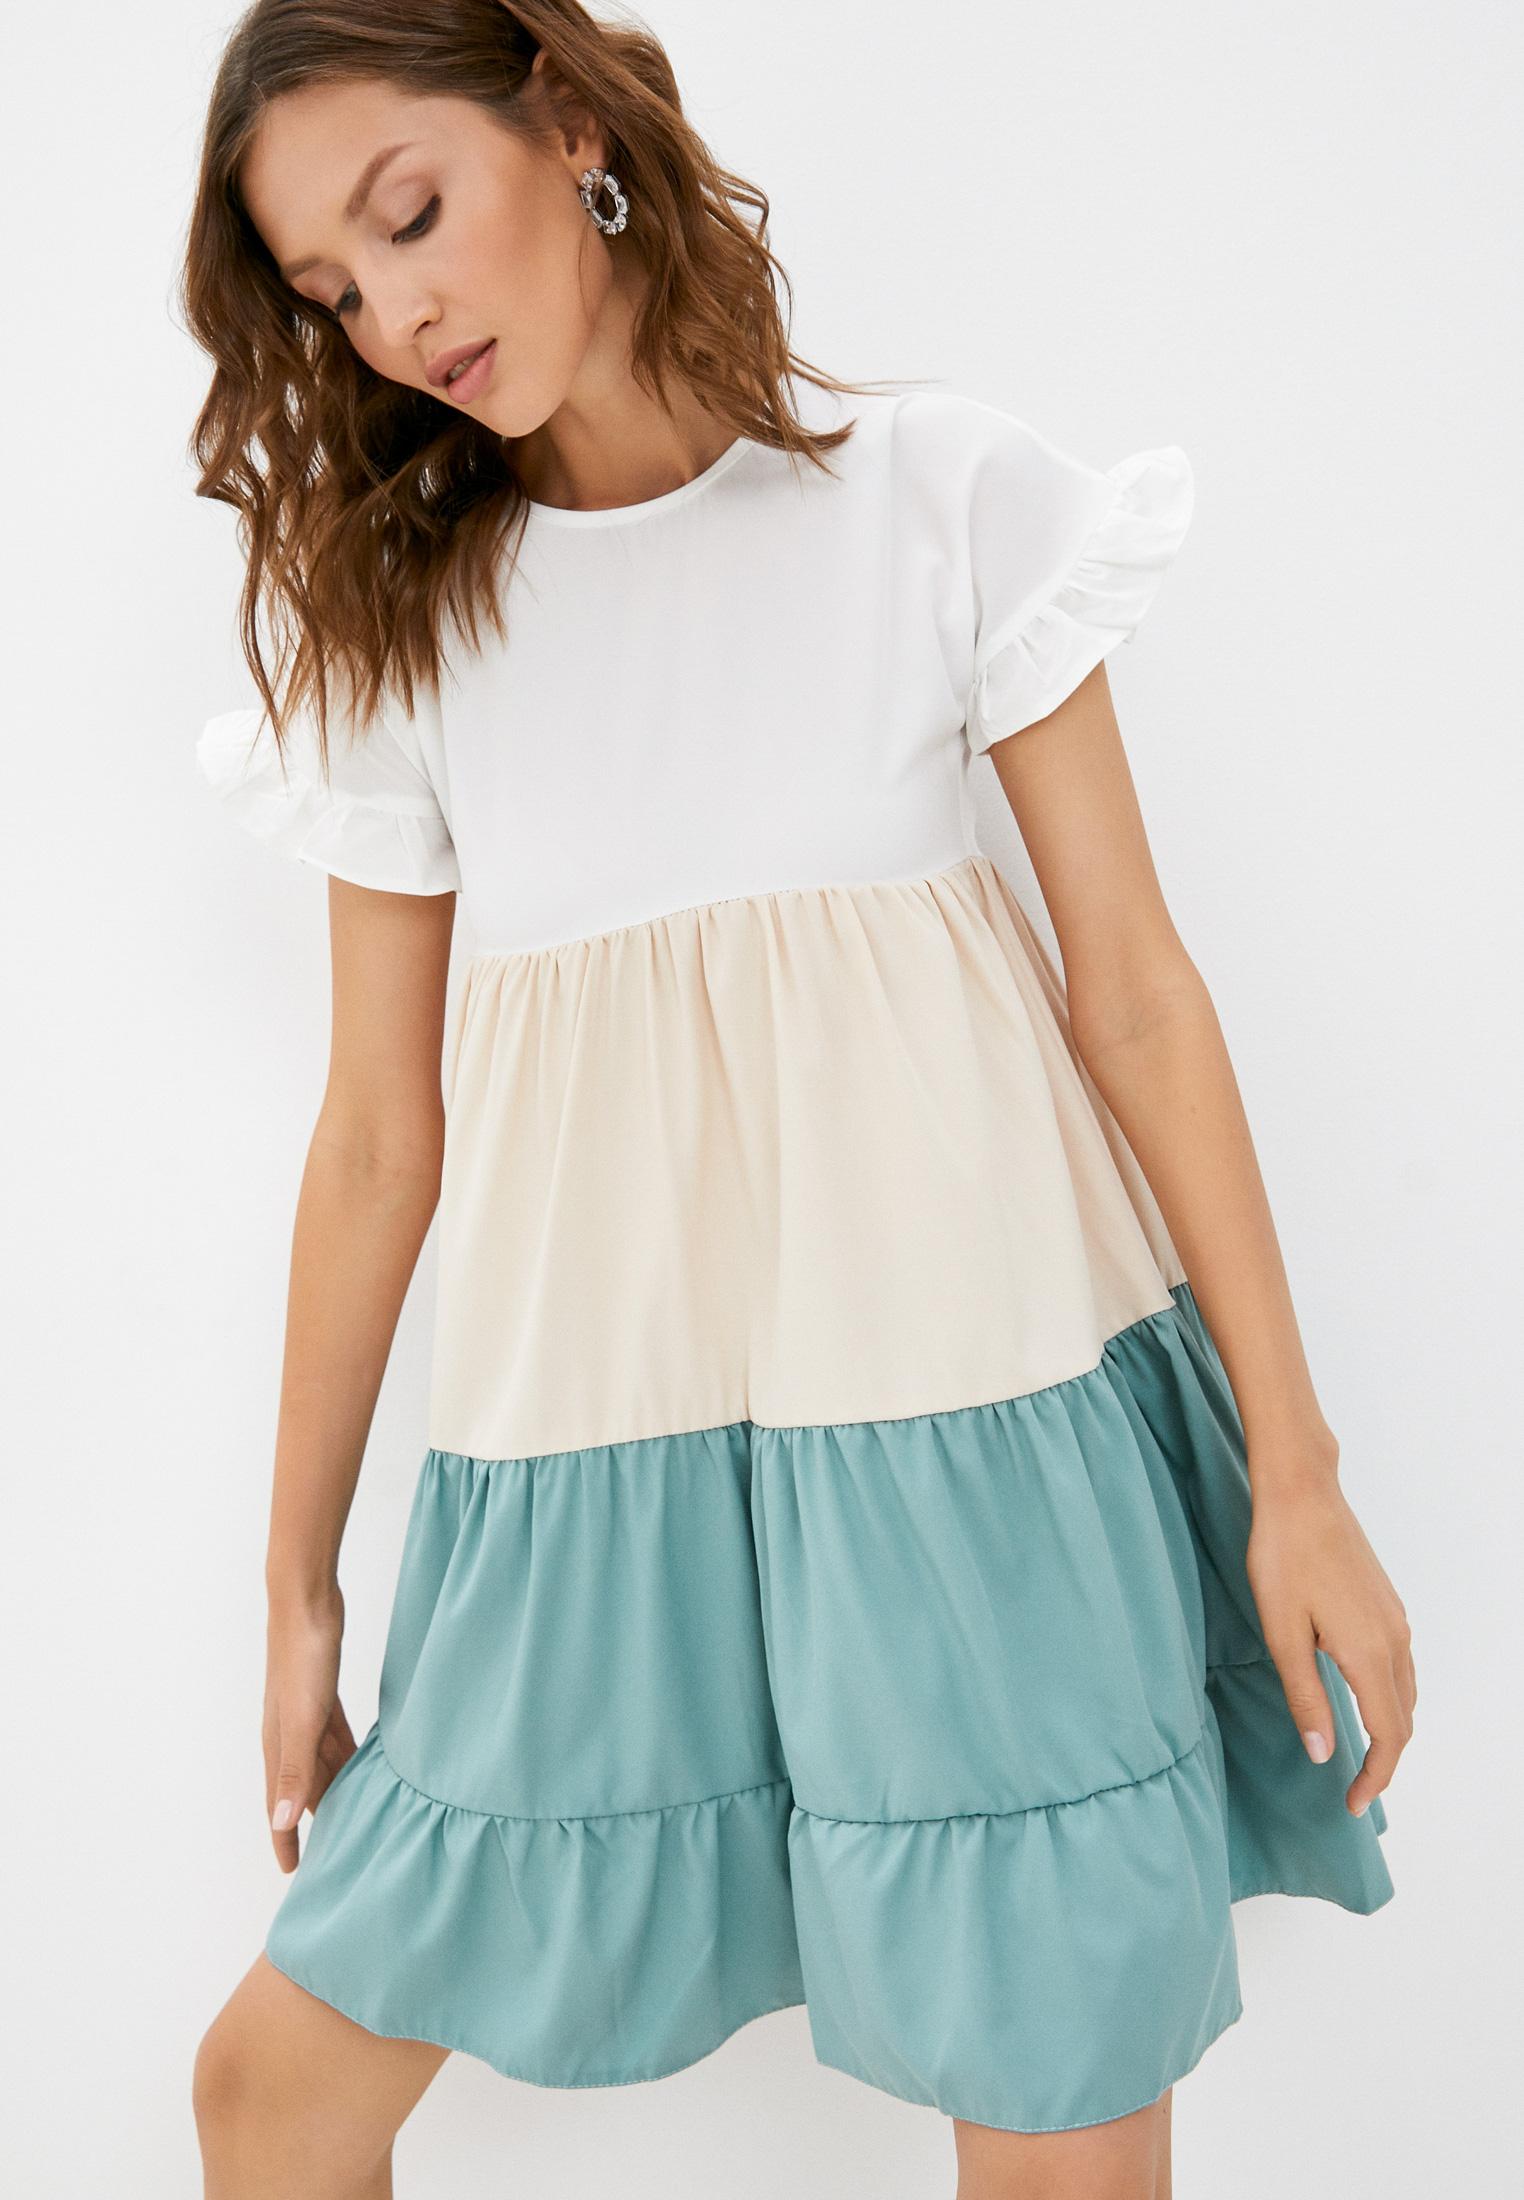 Платье Pink Orange PO21-0313-2394-6